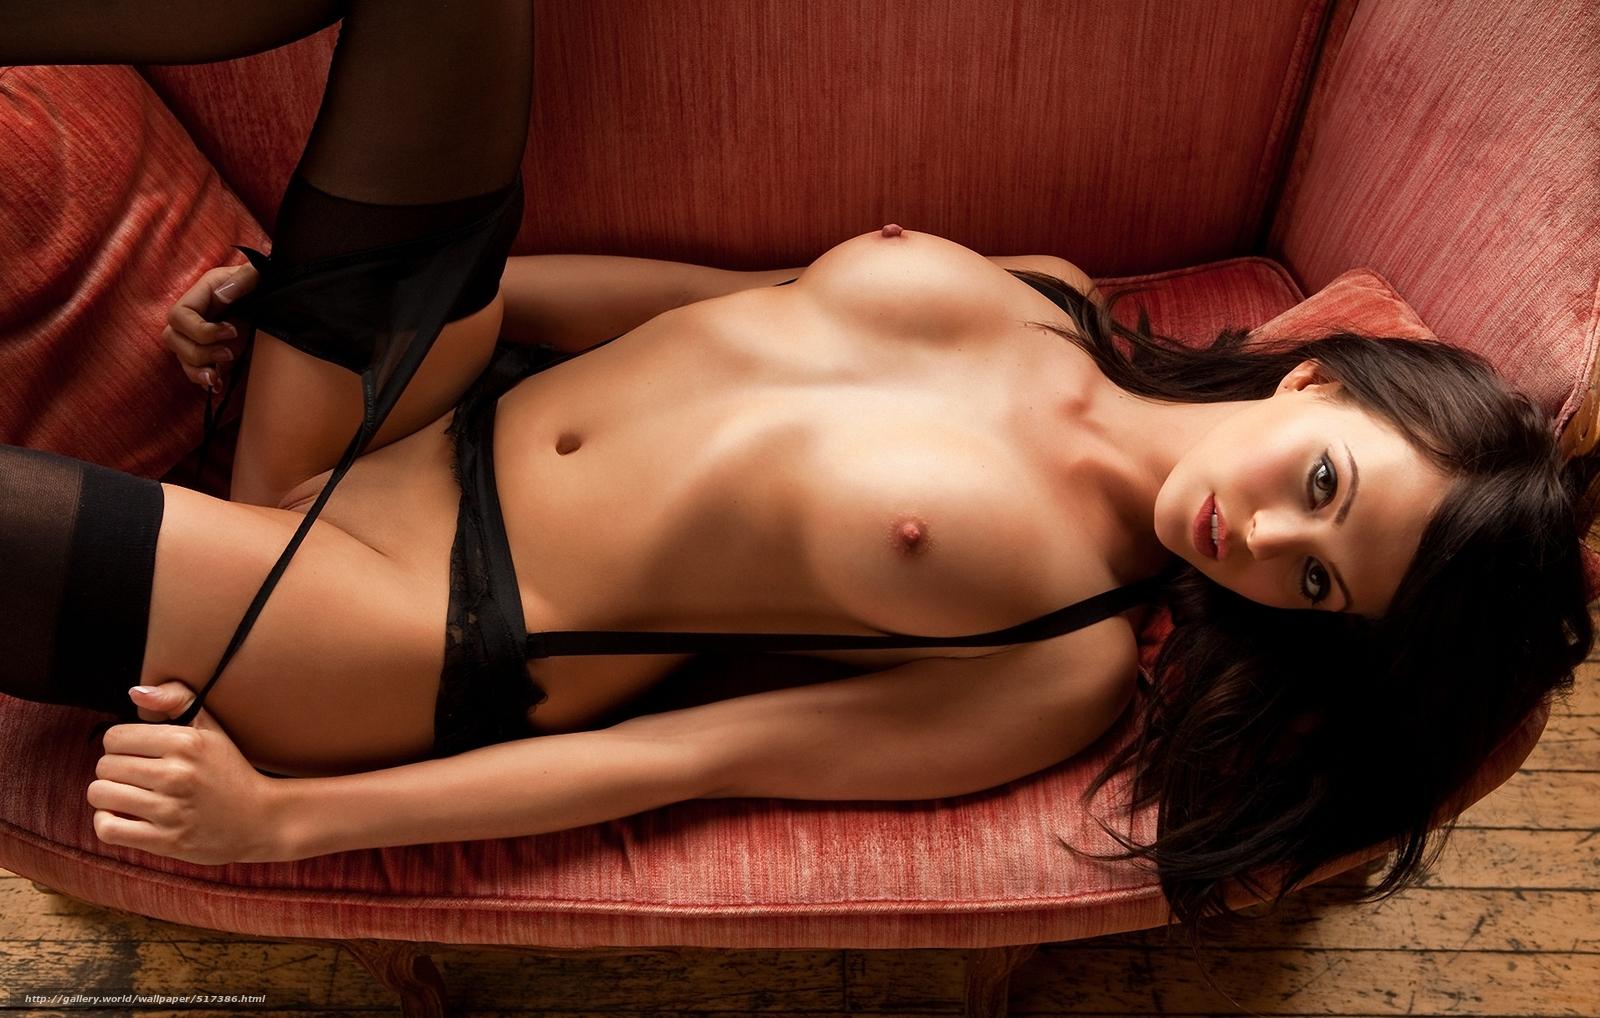 Фотки красивых голых девушек в чулках 17 фотография